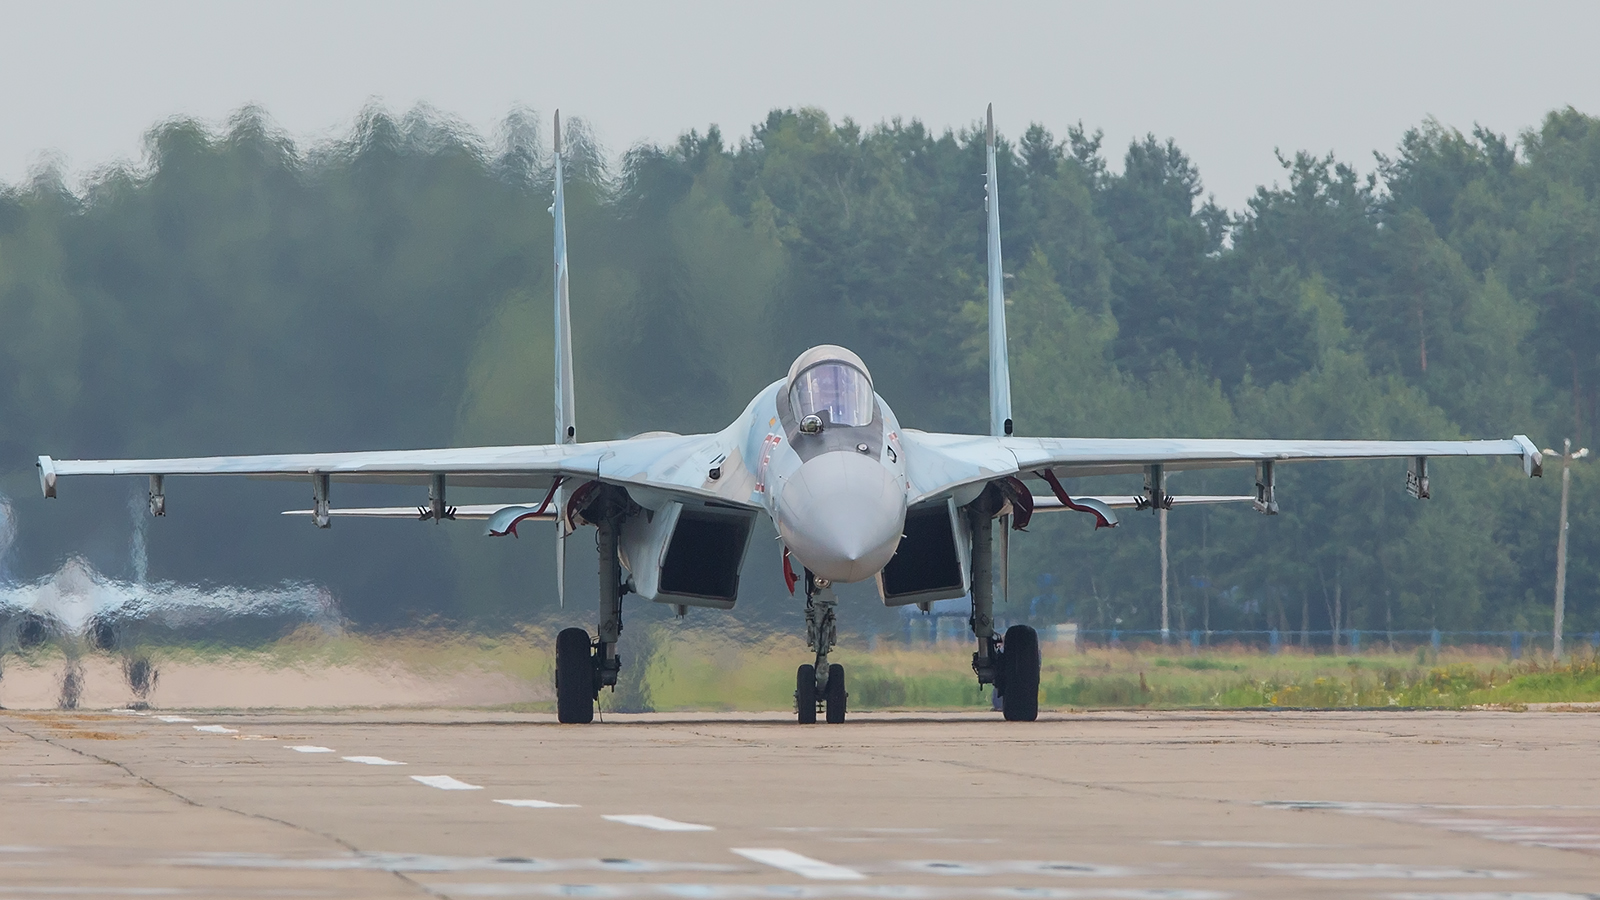 Eine der vier Su-35 auf dem Weg zur Startbahn.